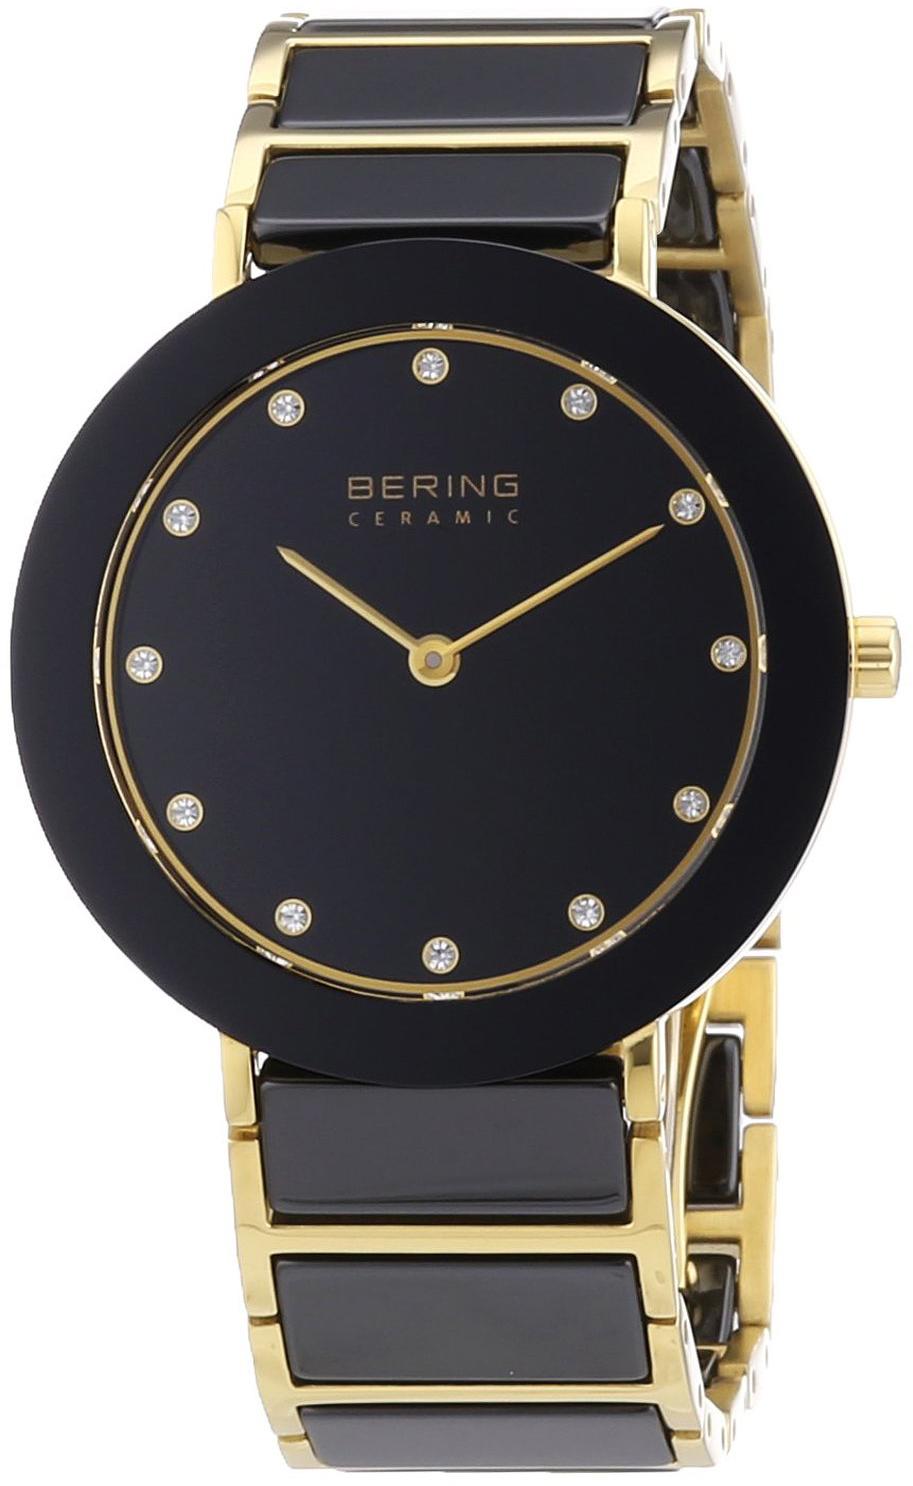 Bering Ceramic 11435-741Наручные часы<br>Датские часы Bering Ceramic 11435-741<br><br>Для кого?: Женские<br>Страна-производитель: Дания<br>Механизм: Кварцевый<br>Материал корпуса: Сталь<br>Материал ремня/браслета: Сталь<br>Водозащита, диапазон: 20 - 100 м<br>Стекло: Сапфировое<br>Толщина корпуса: None<br>Стиль: Классика